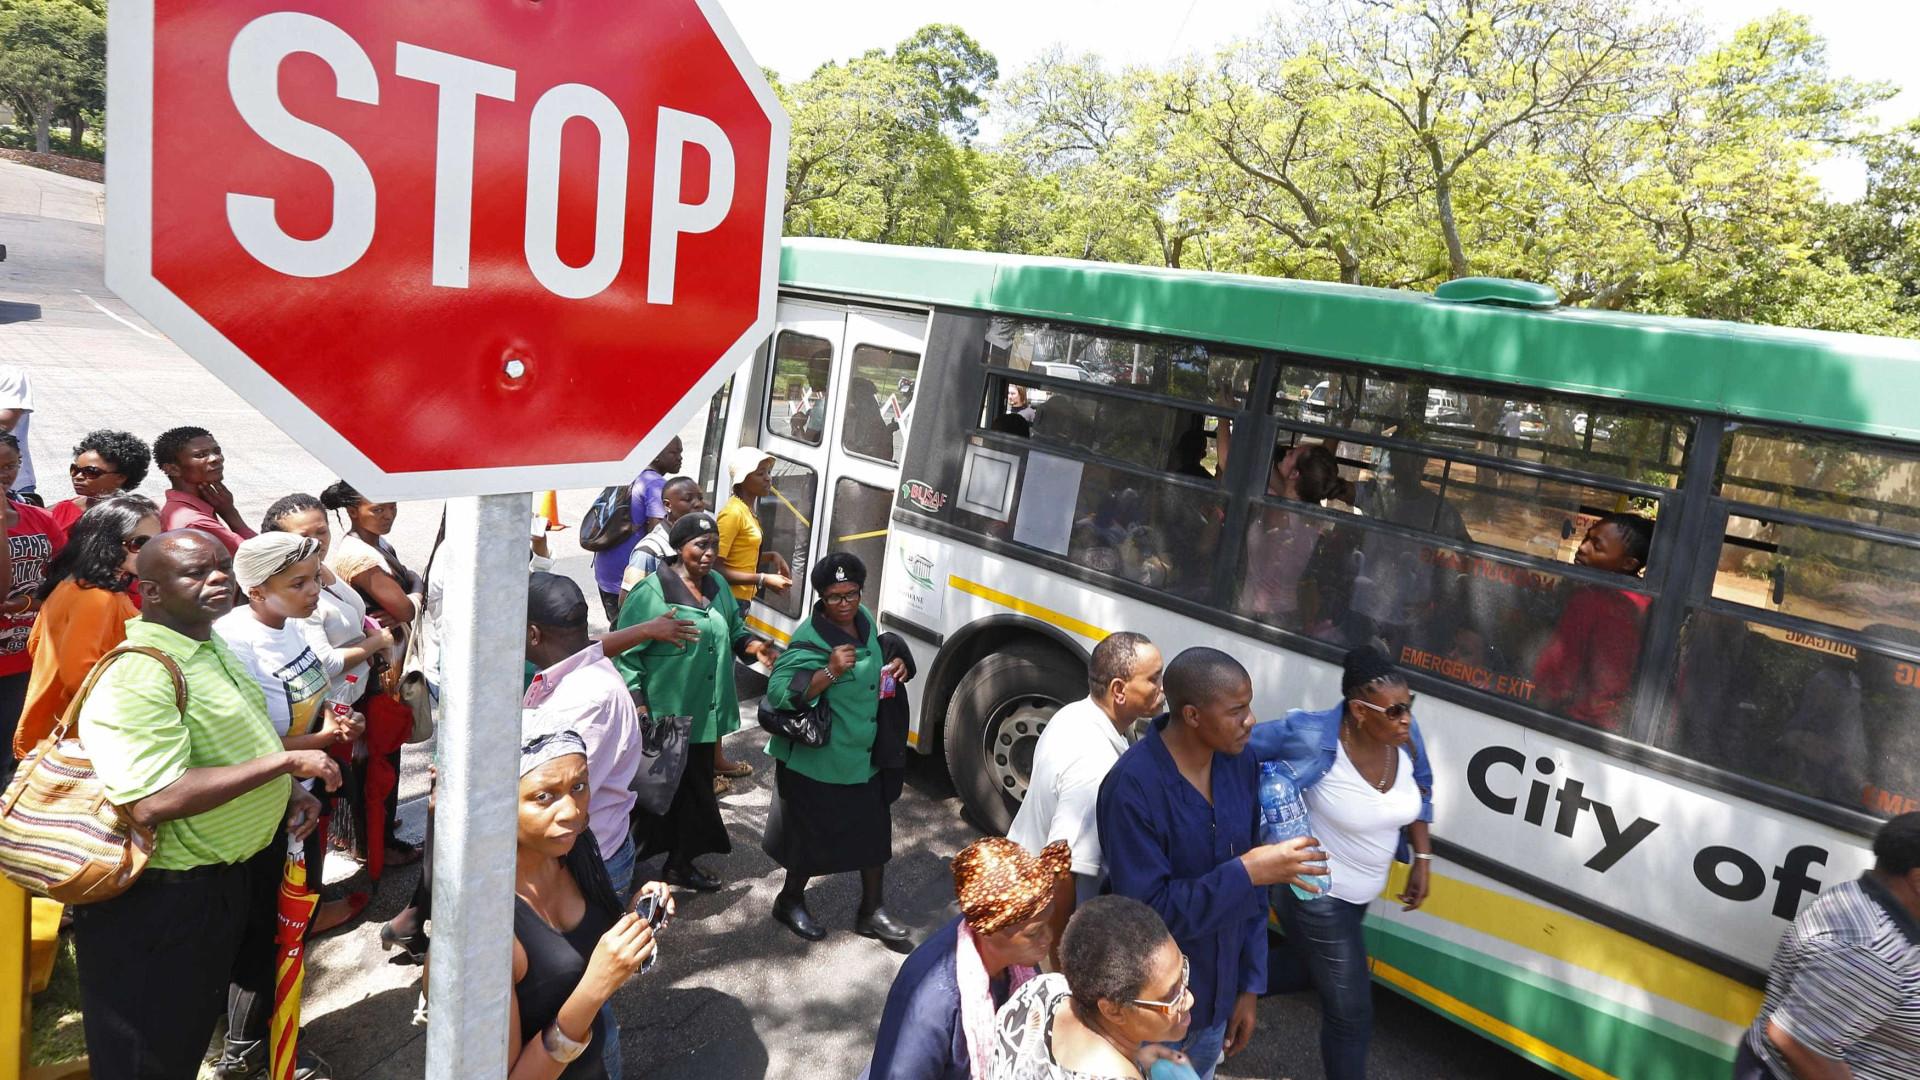 Acidente de autocarro mata pelo menos 20 crianças na África do Sul